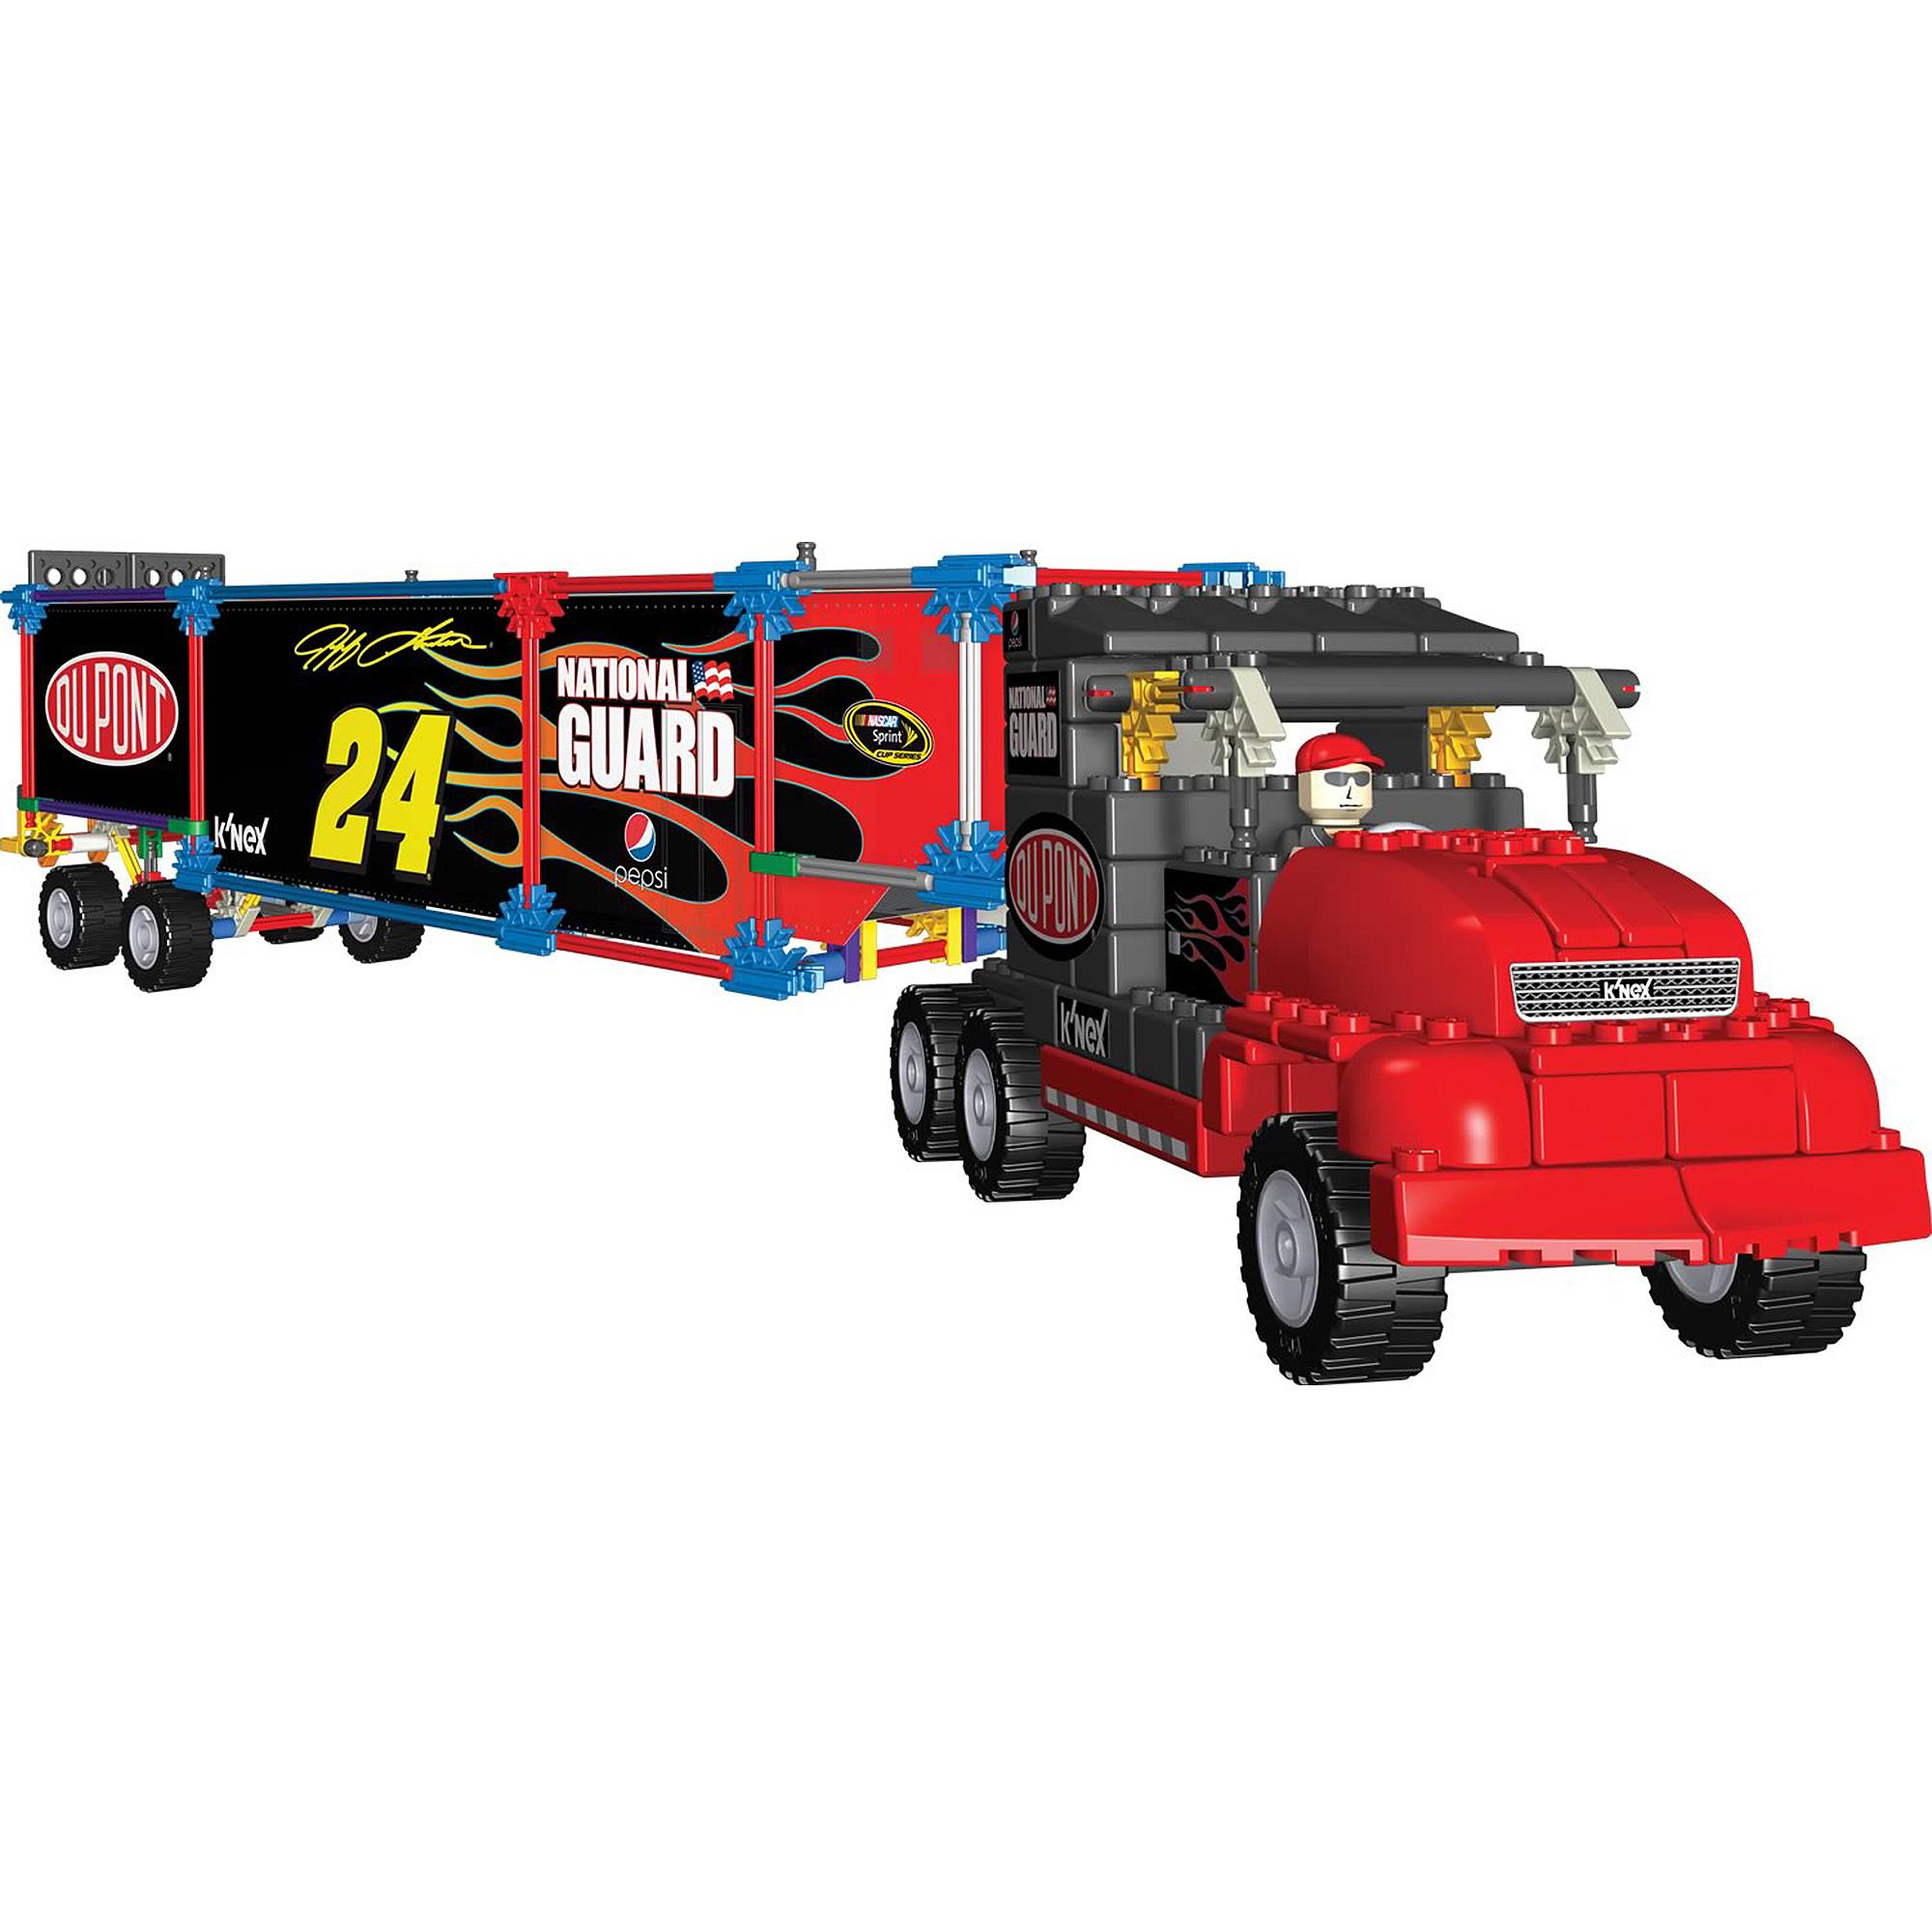 K'Nex NASCAR 24 Dupont Transporter Building Set